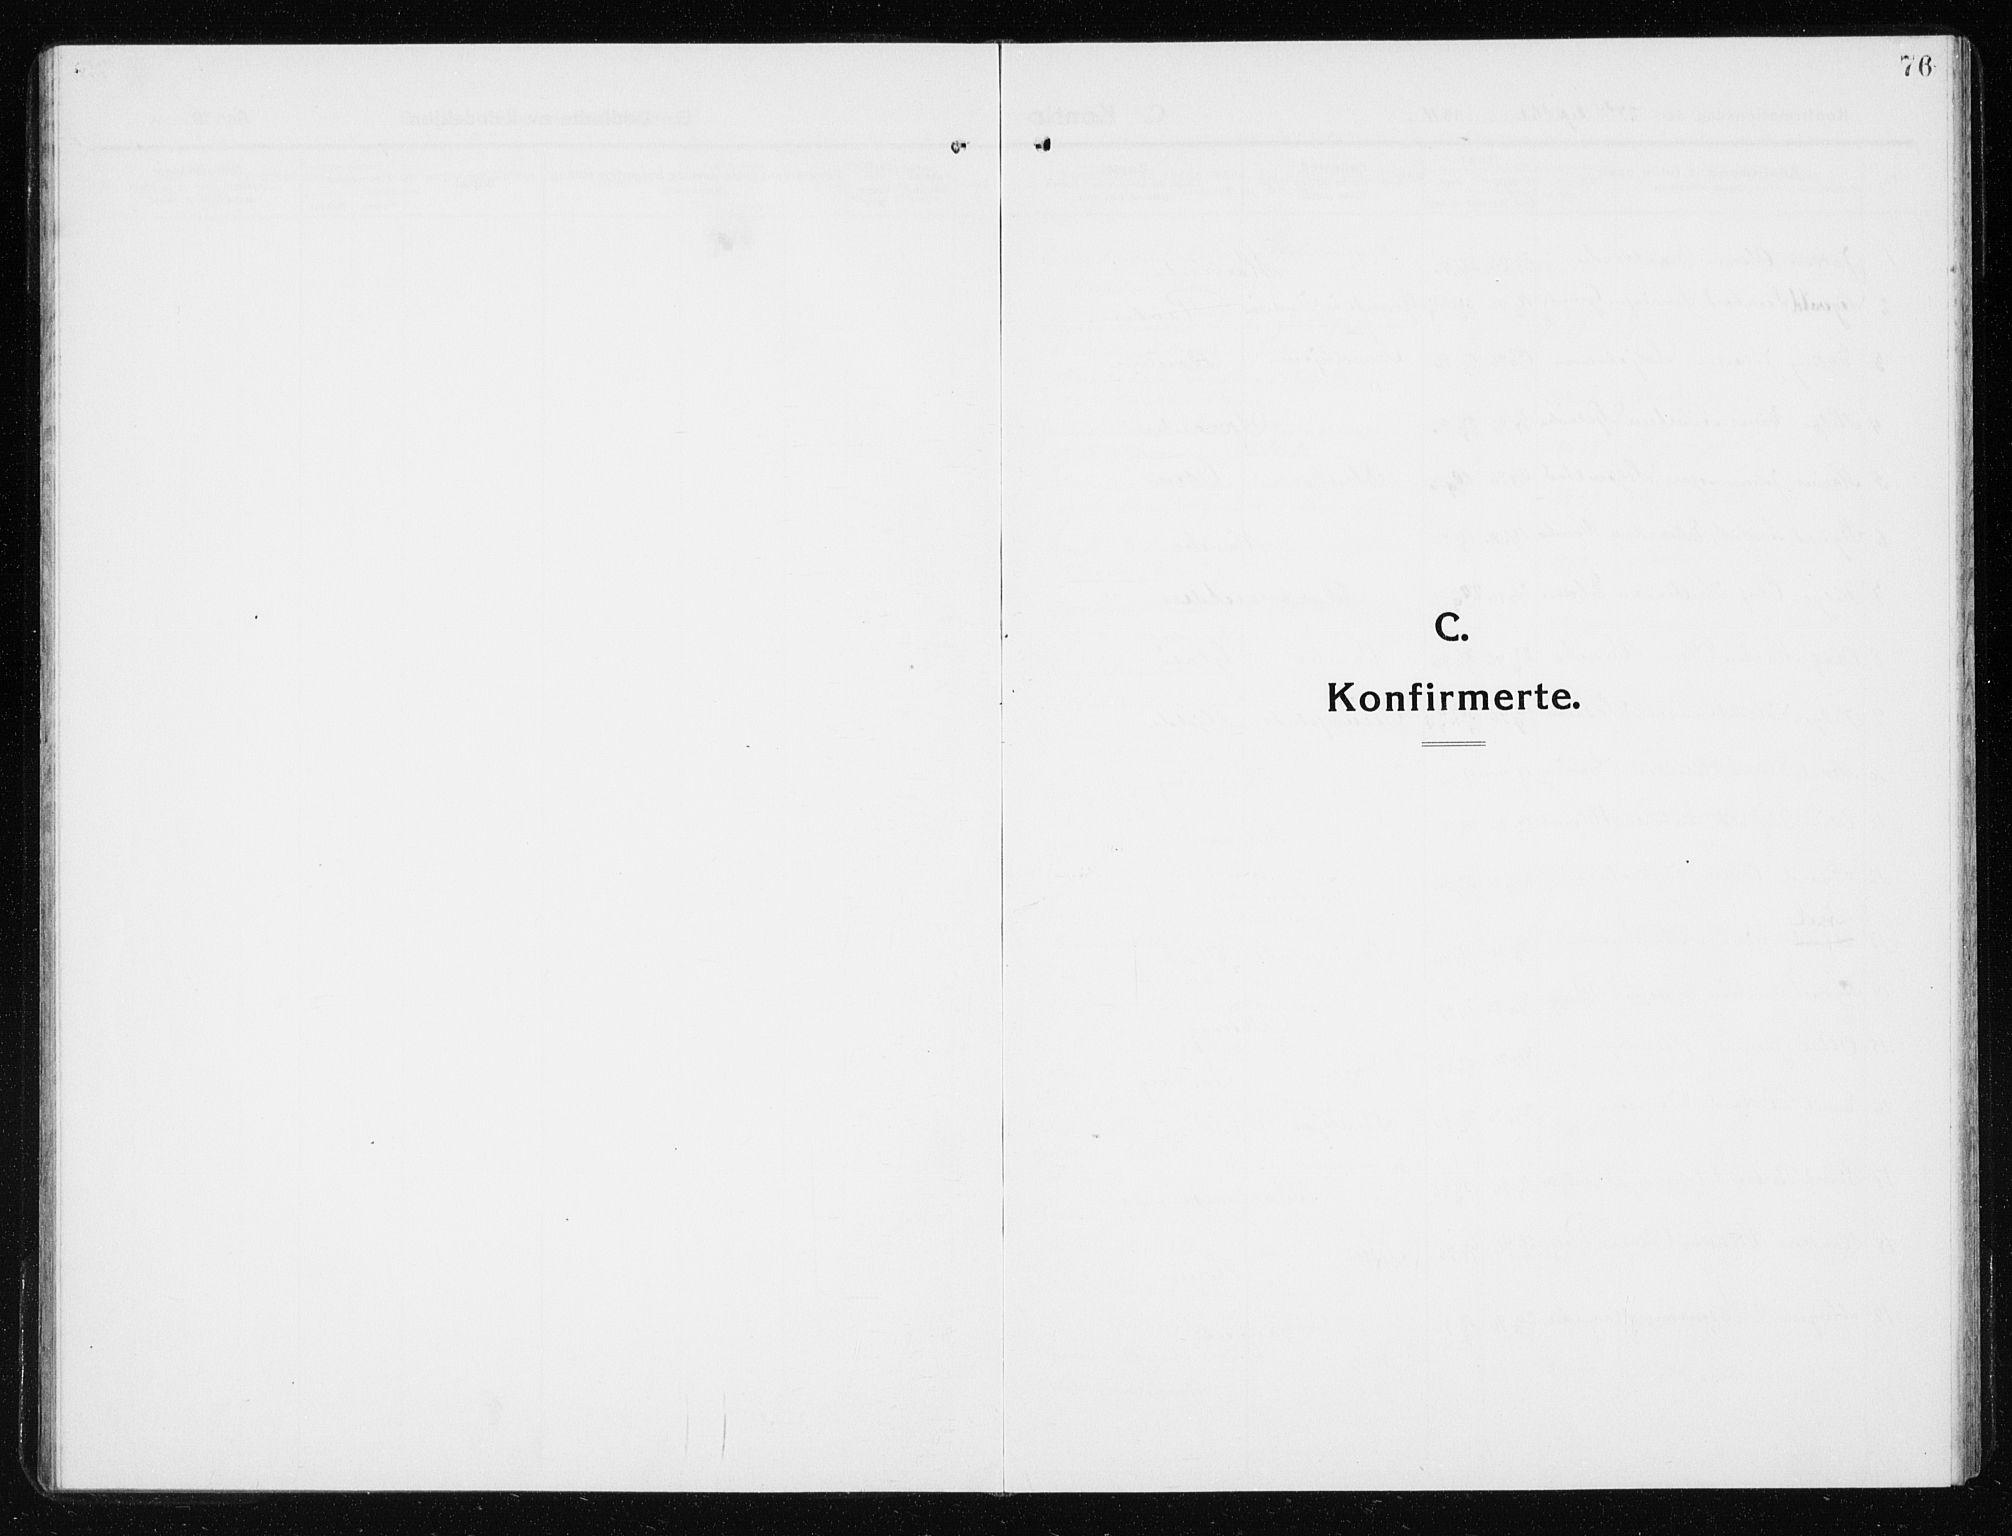 SAT, Ministerialprotokoller, klokkerbøker og fødselsregistre - Nord-Trøndelag, 741/L0402: Klokkerbok nr. 741C03, 1911-1926, s. 76